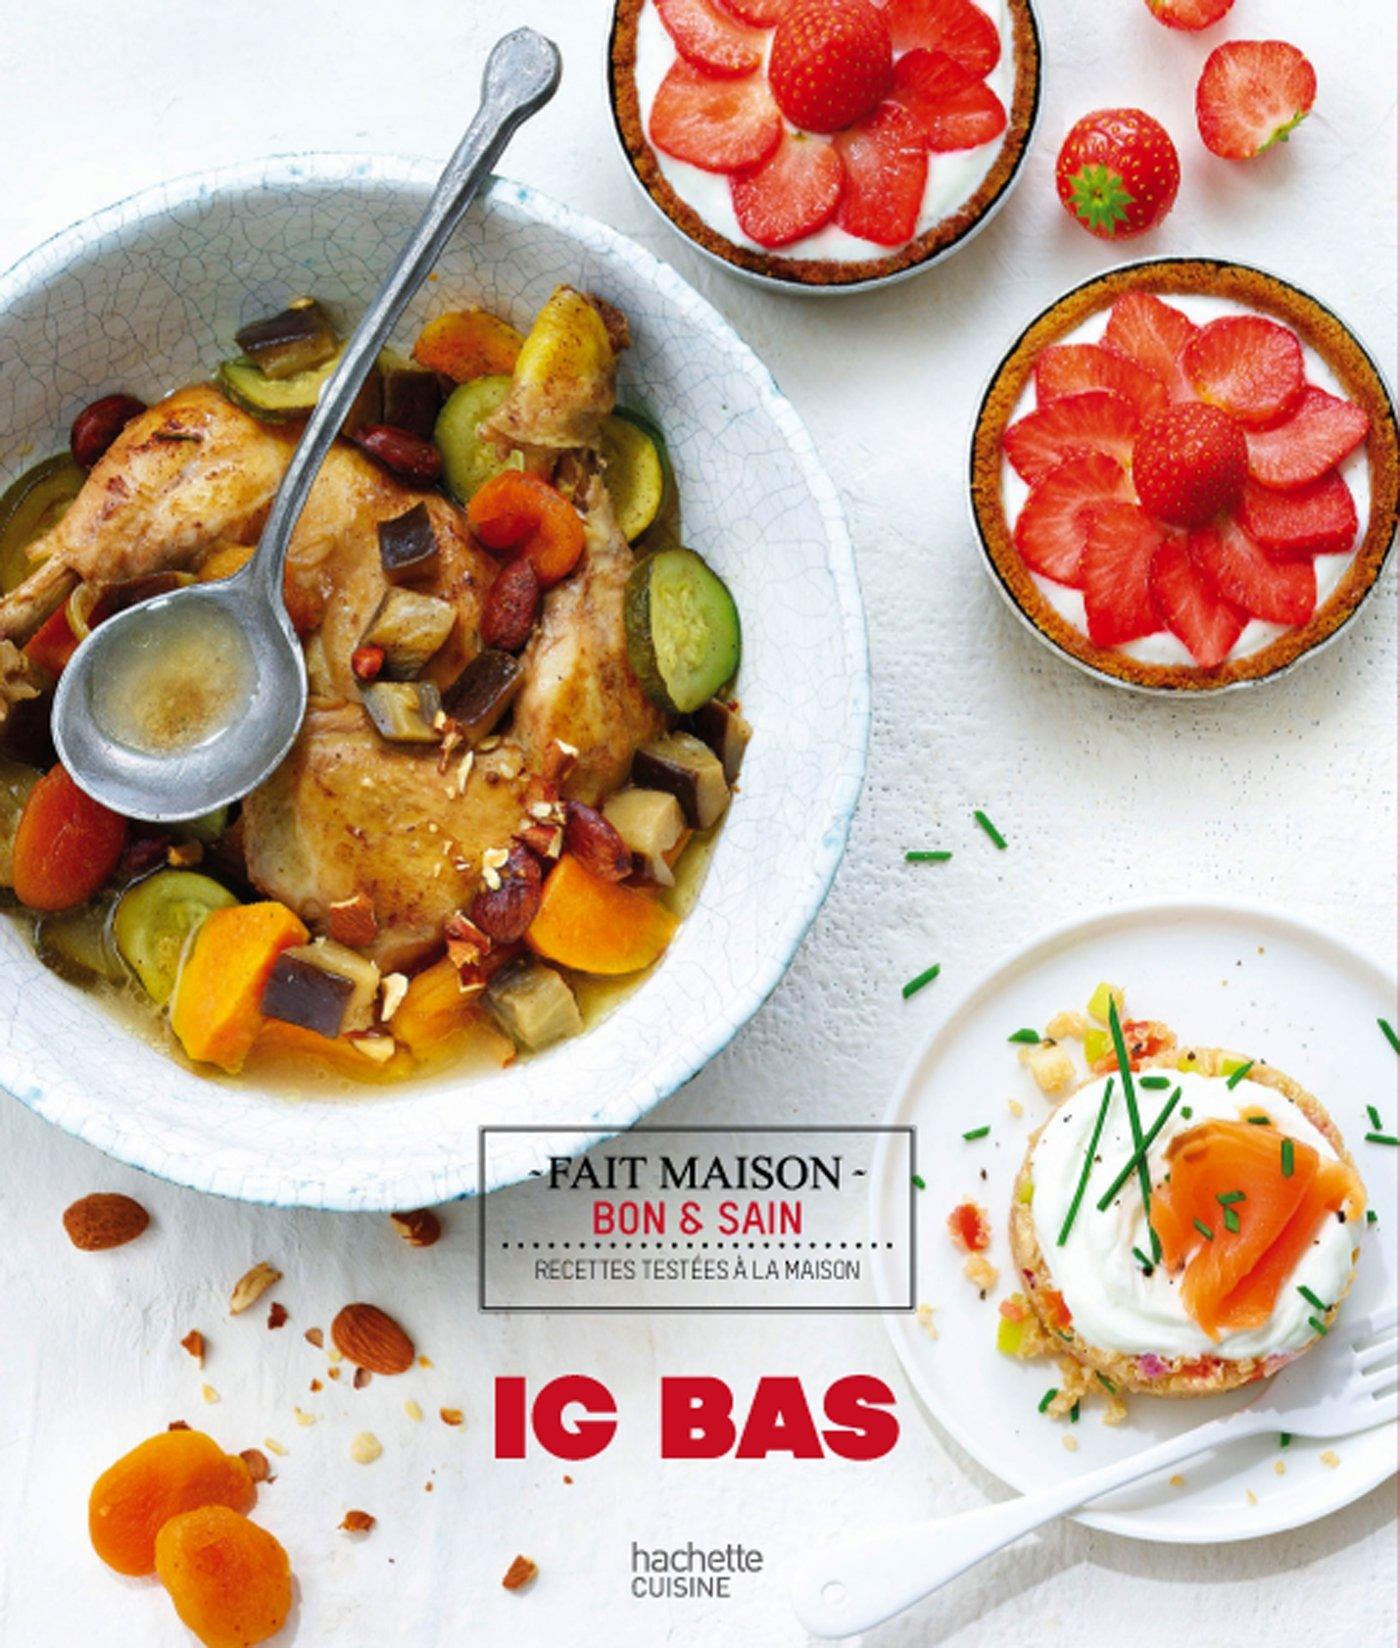 Livre recettes ig bas happiness maker - Hachette cuisine fait maison ...